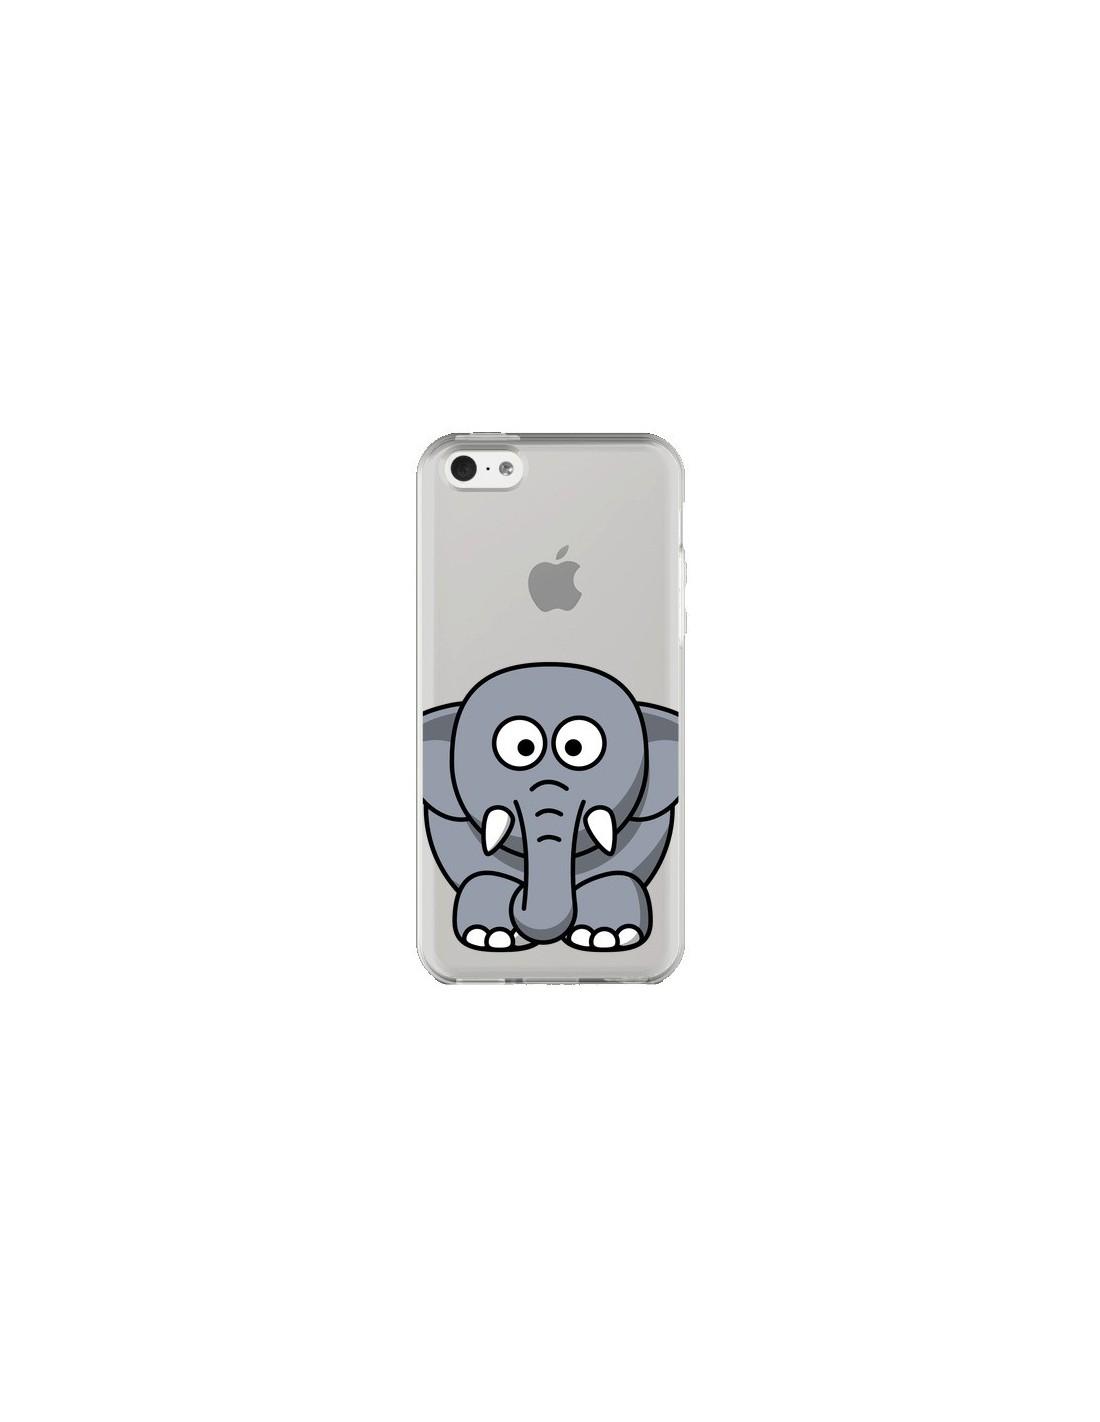 coque iphone 5c elephant animal transparente yohan b